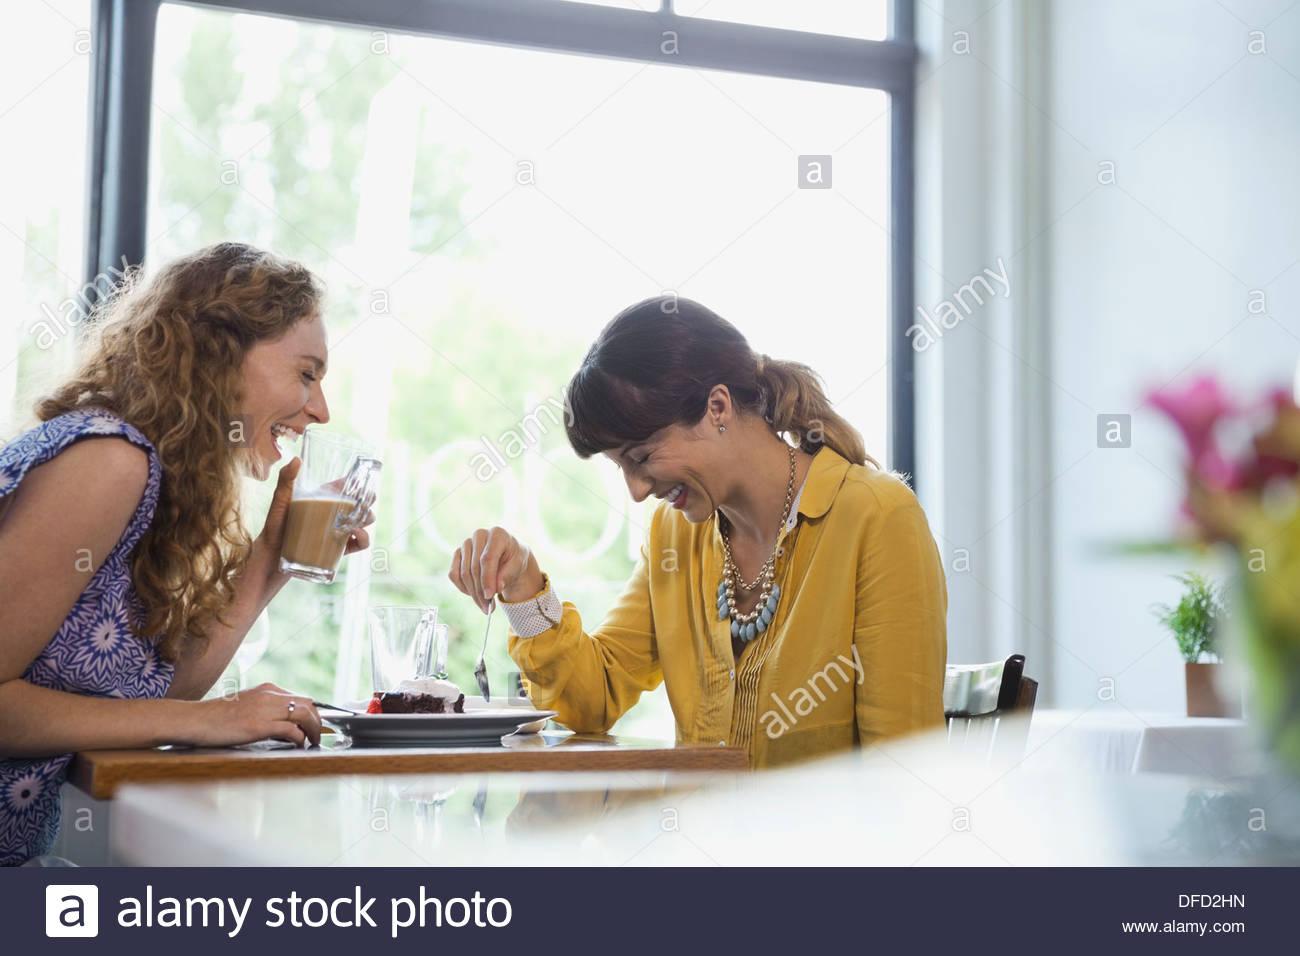 Fröhliche Freundinnen lachen im restaurant Stockbild